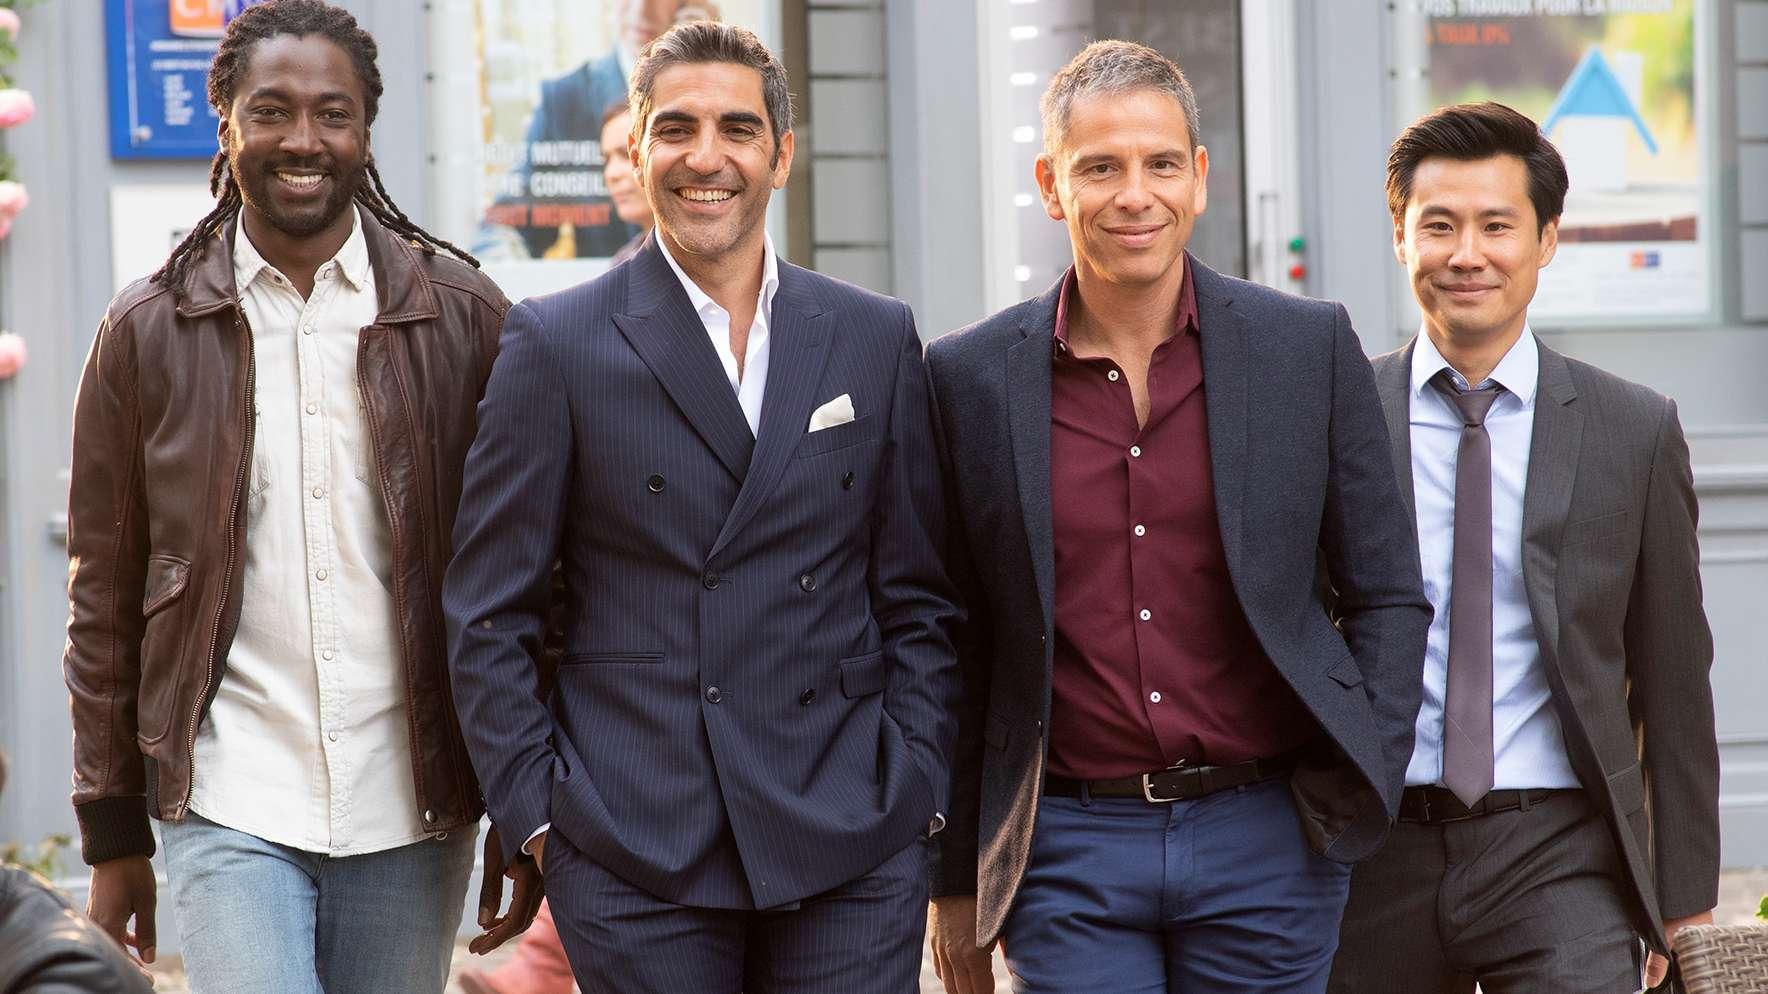 Die Schwiegersöhne: Charles (Noom Diawara), David (Ary Abittan), Rachid (Medi Sadoun) und Chao (Frédéric Chau)